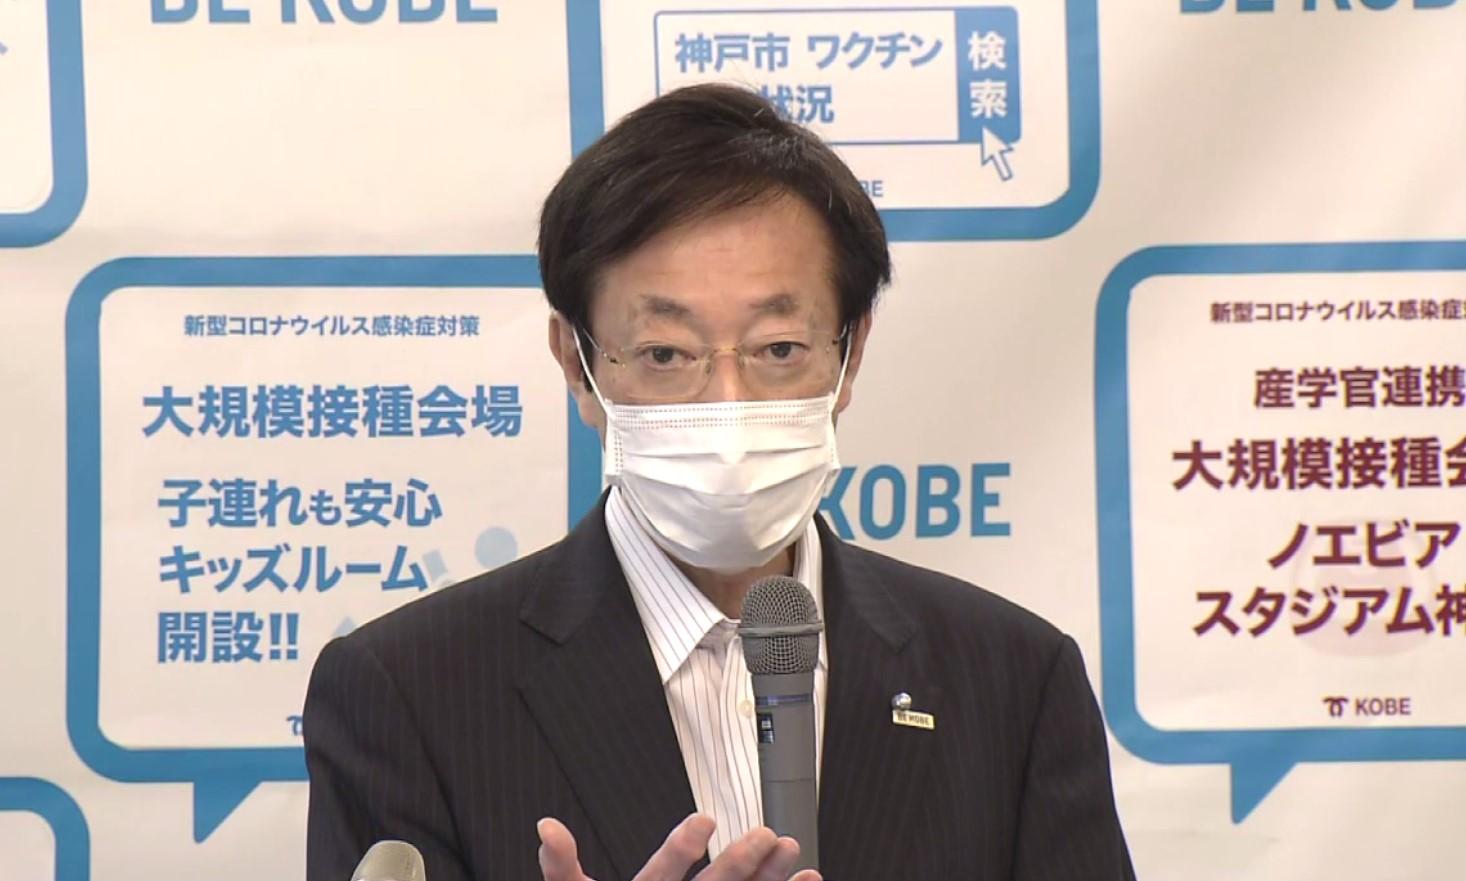 神戸市『12~15歳の接種券』発送ストップ 久元市長「国の方針が分からず当惑している」